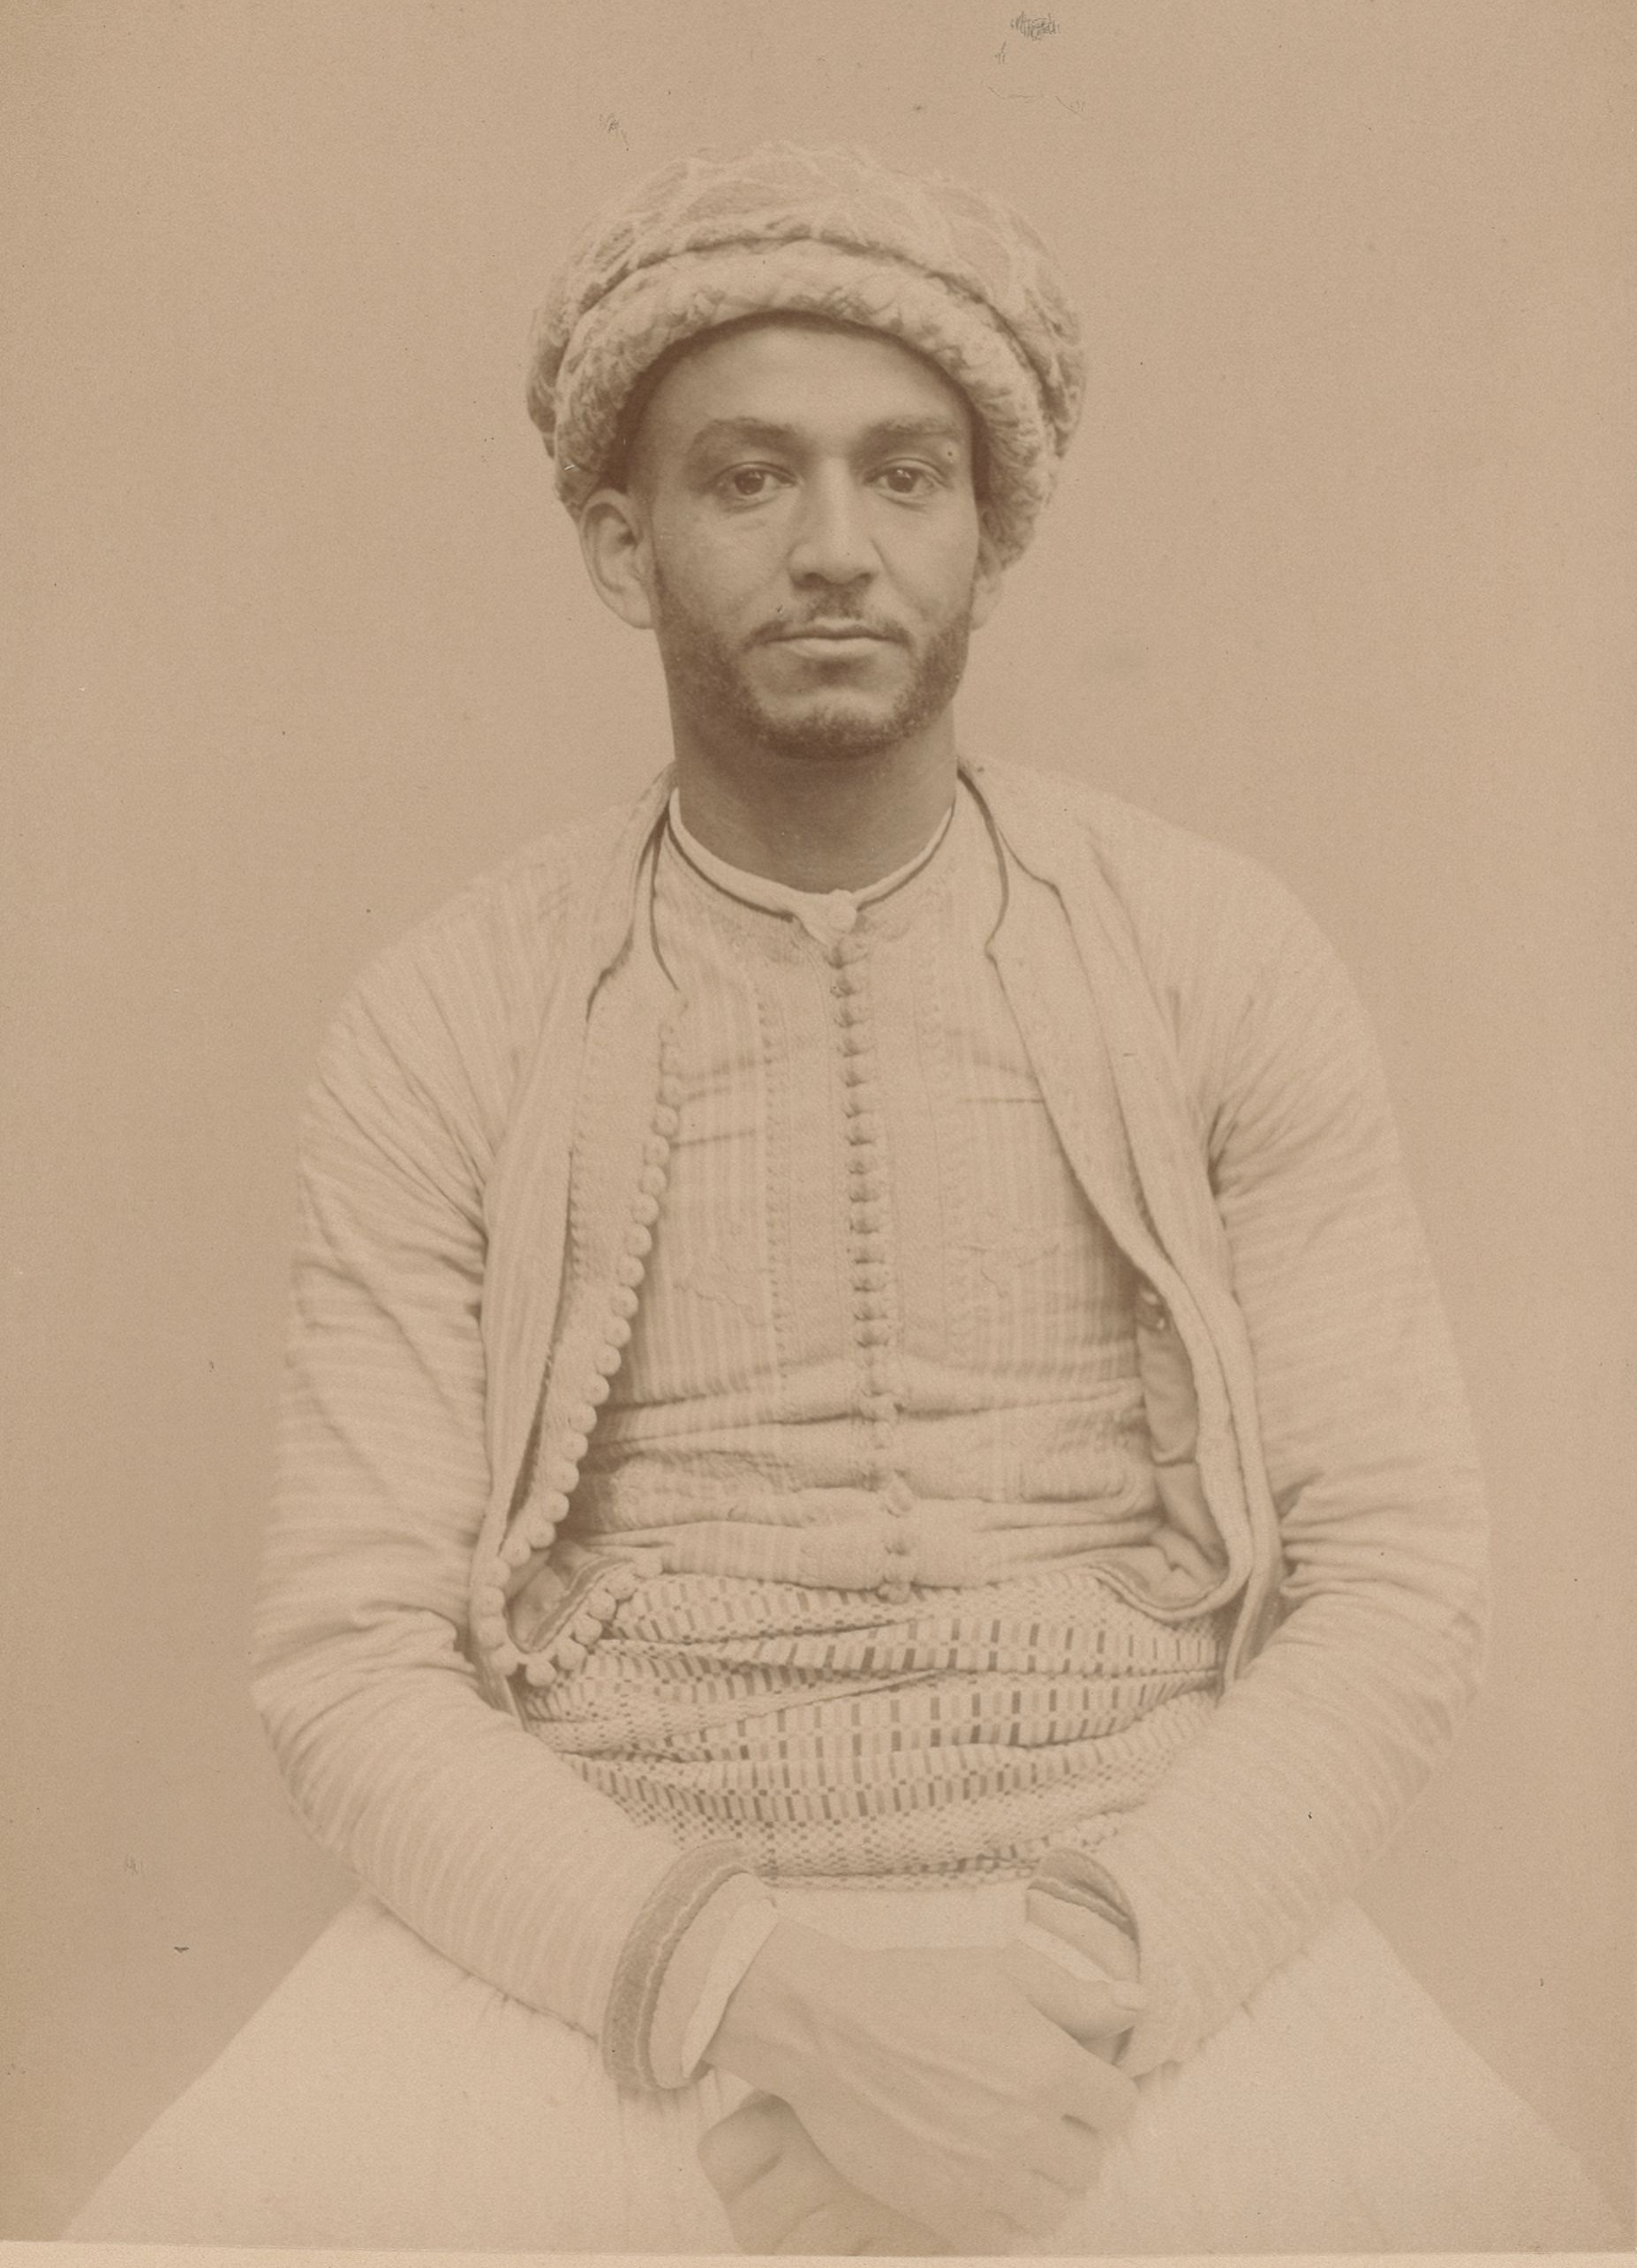 Баг Али 28 лет, родившийся в Алжире, Кауаджи (вид спереди)